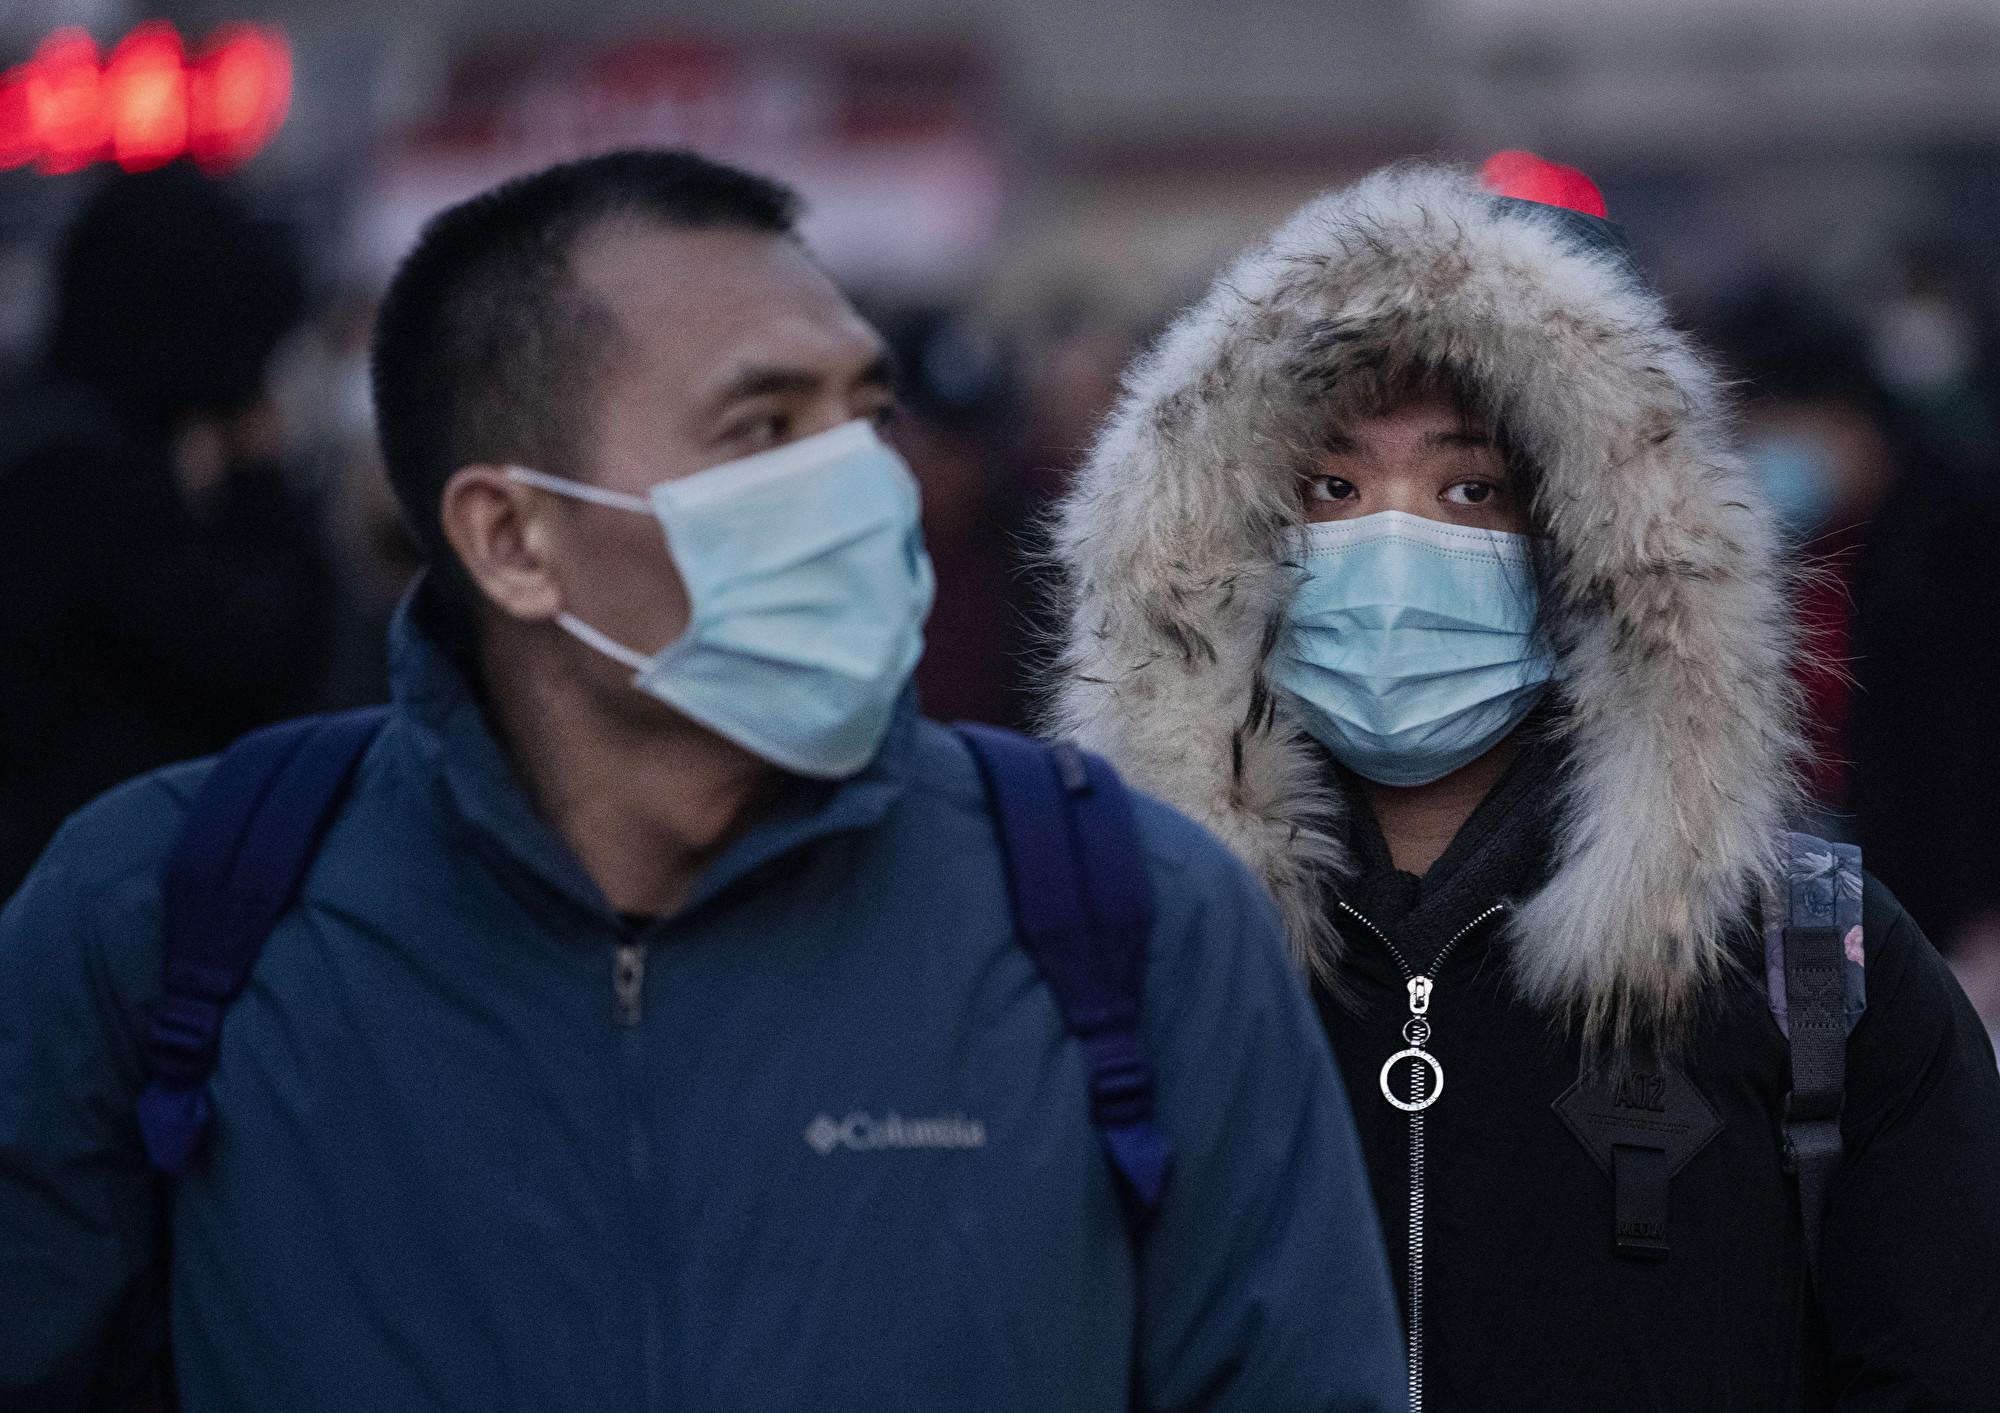 武漢疫情慘劇:出院發現全家離世 患者絕望自殺